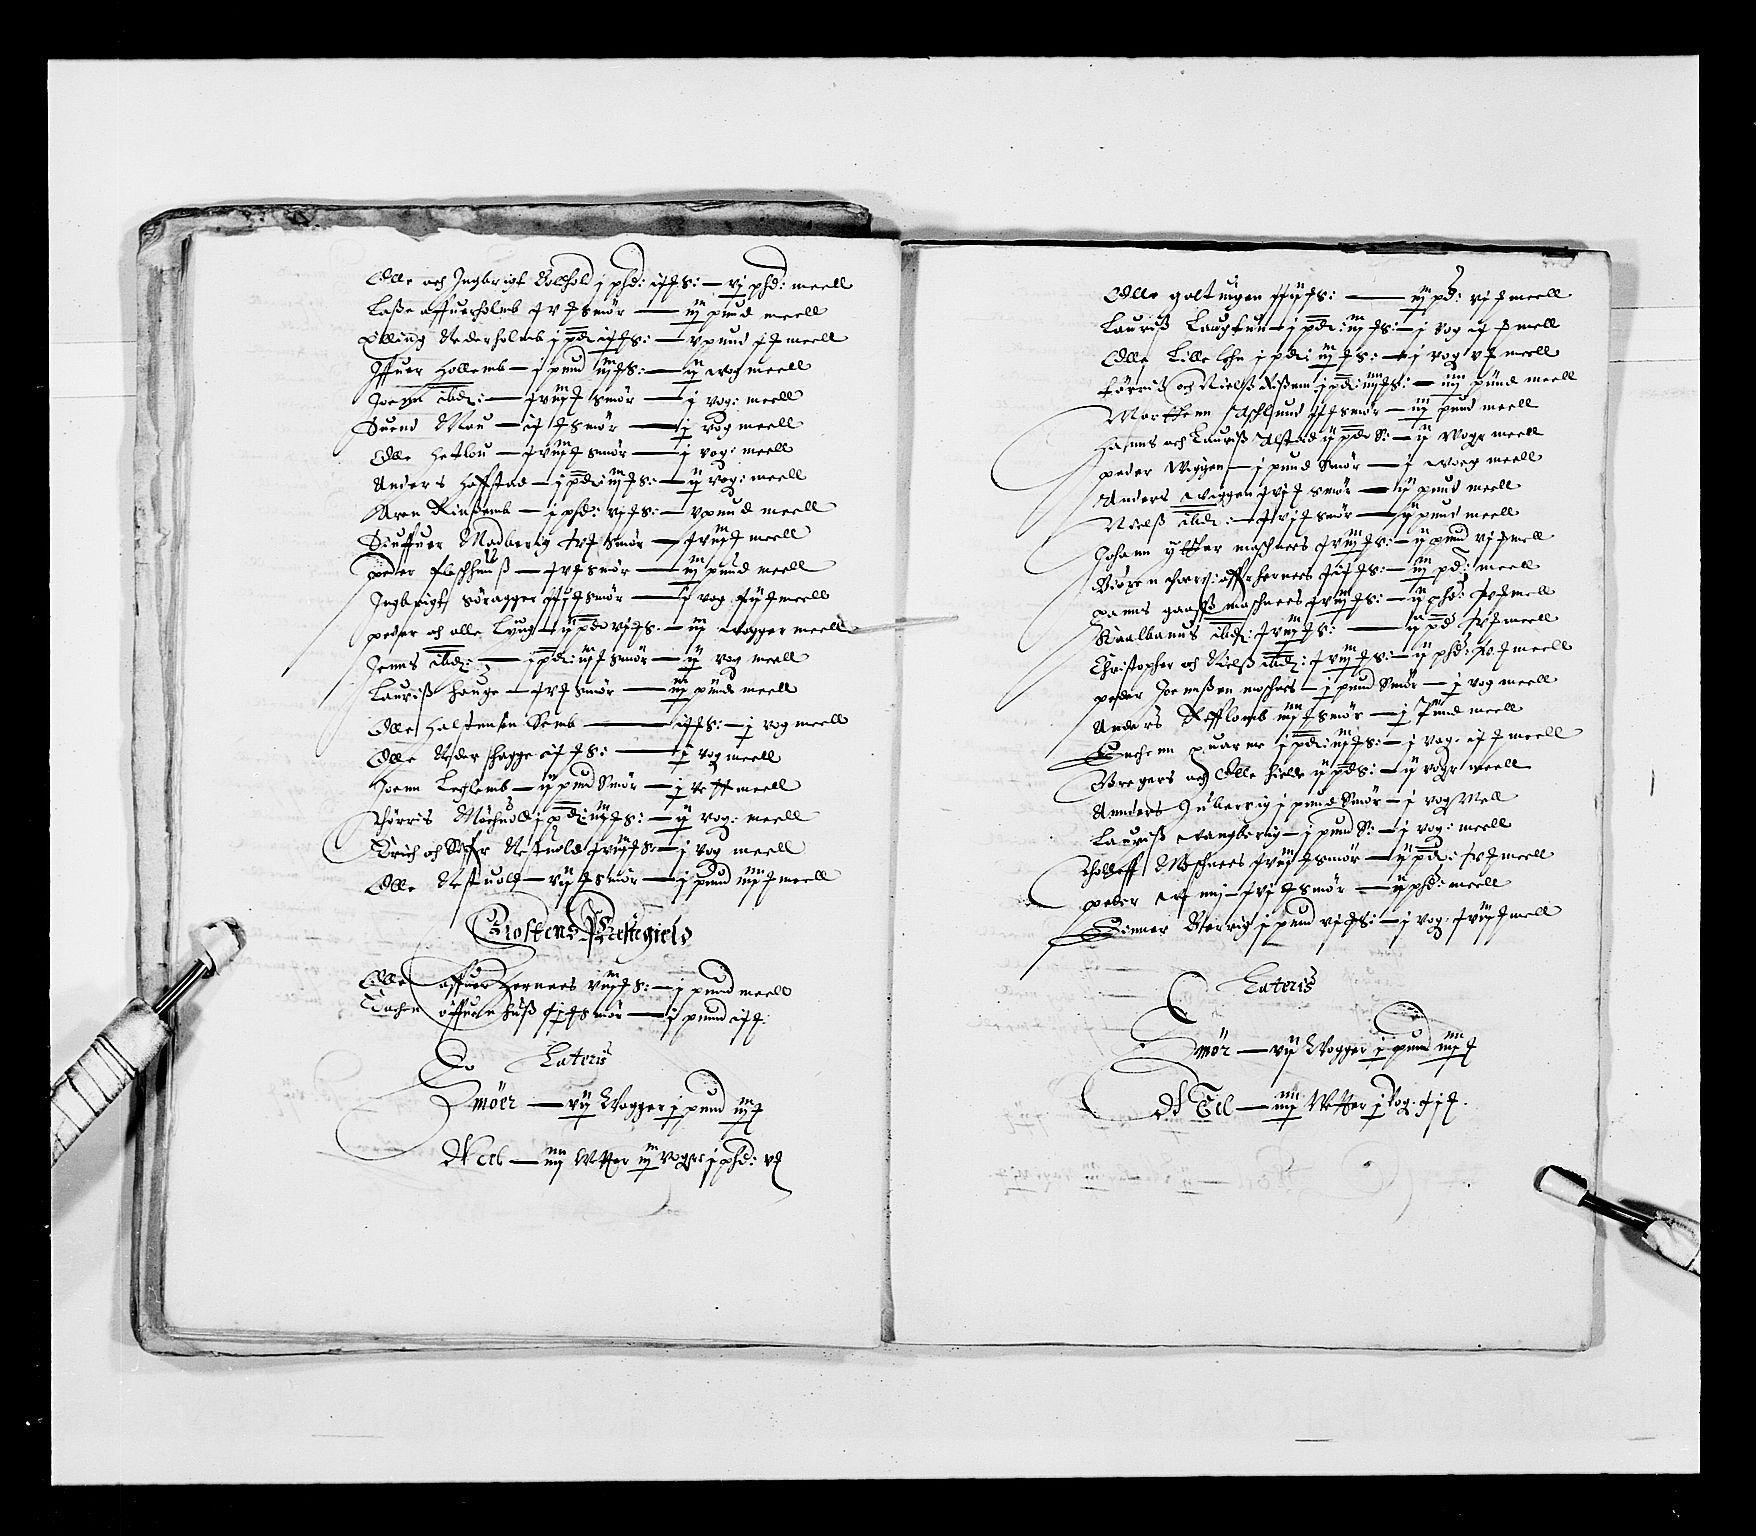 RA, Stattholderembetet 1572-1771, Ek/L0028: Jordebøker 1633-1658:, 1645-1646, s. 141